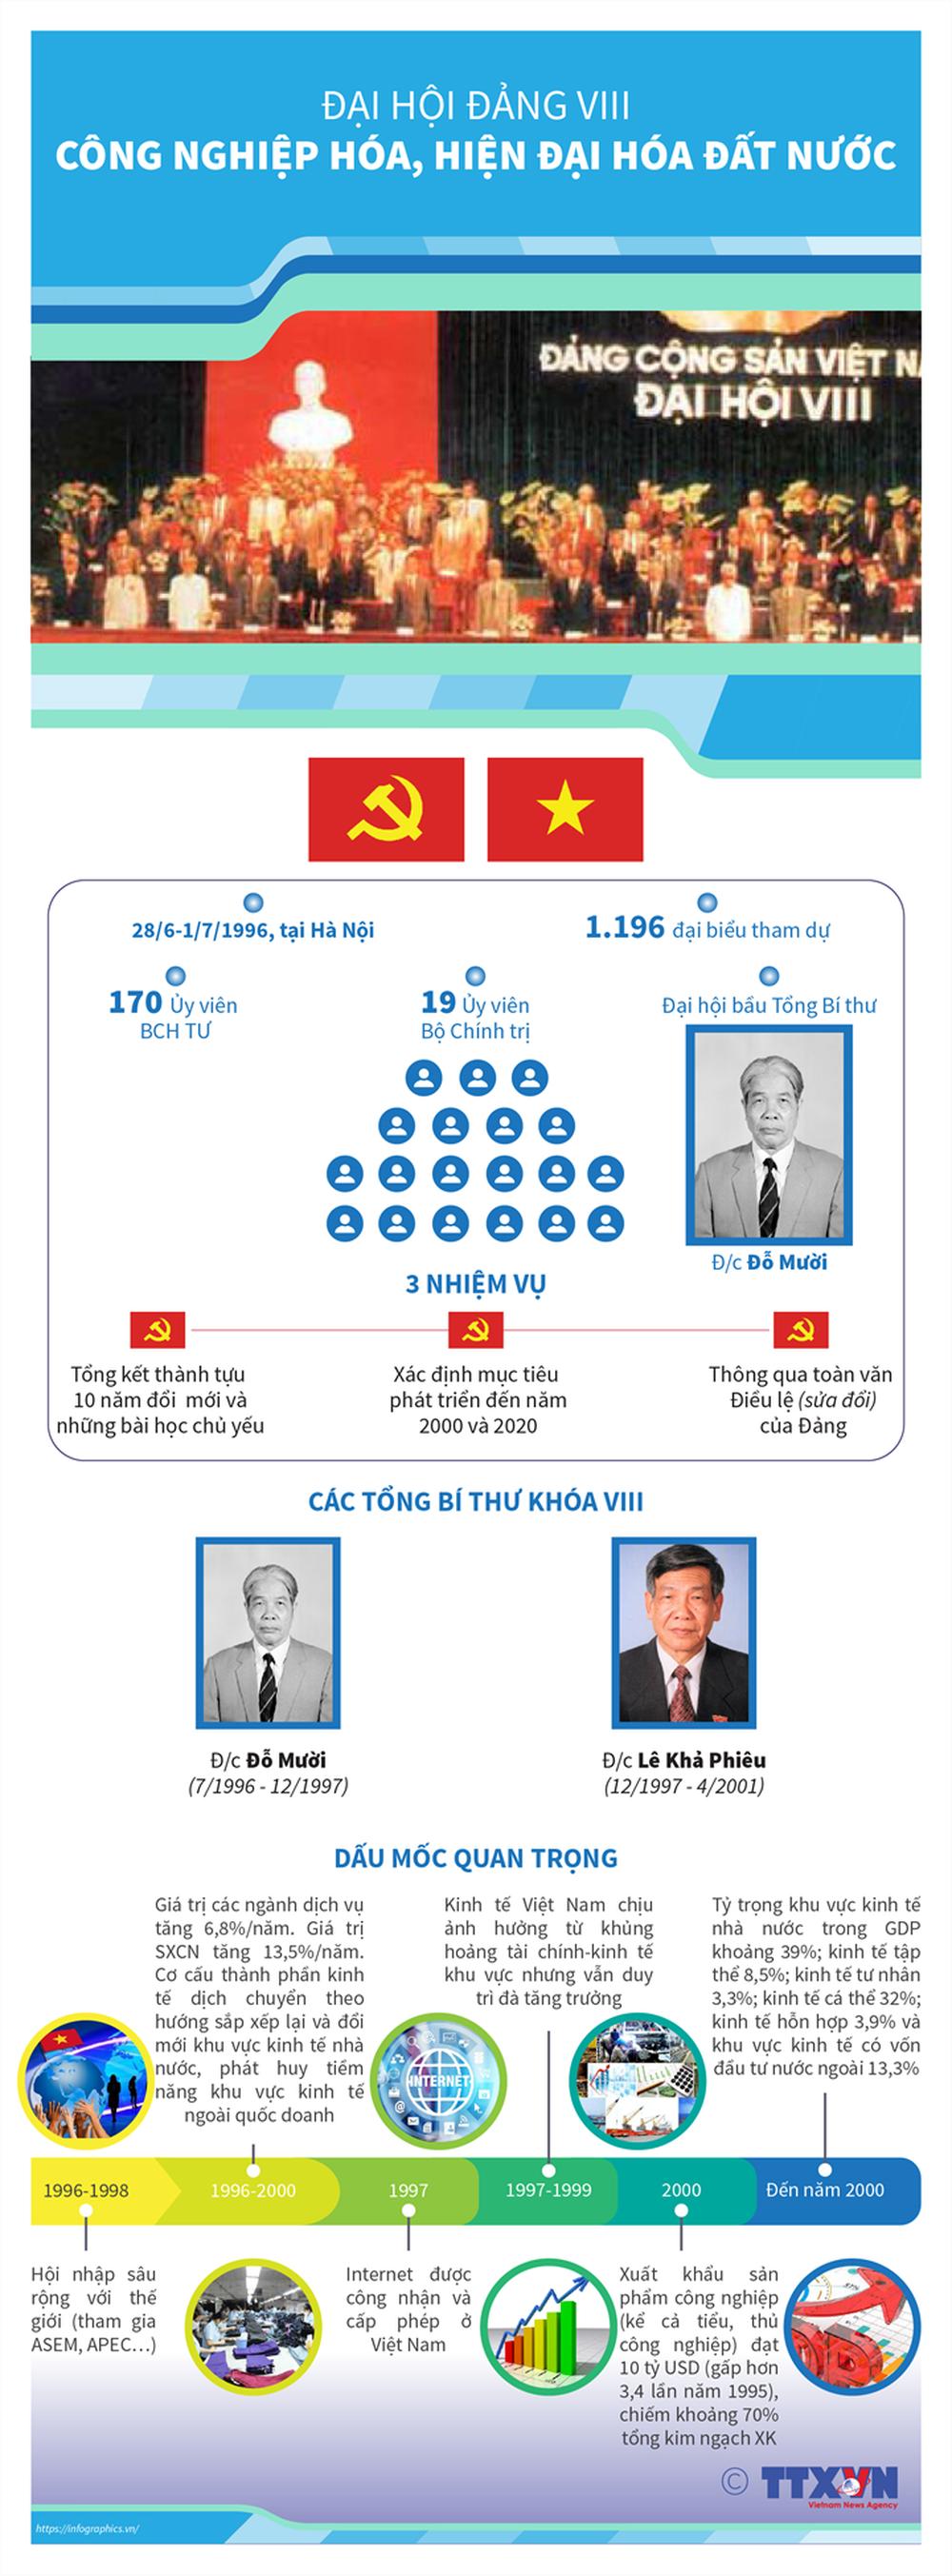 Nhìn lại 12 kỳ Đại hội của Đảng Cộng sản Việt Nam - Ảnh 8.